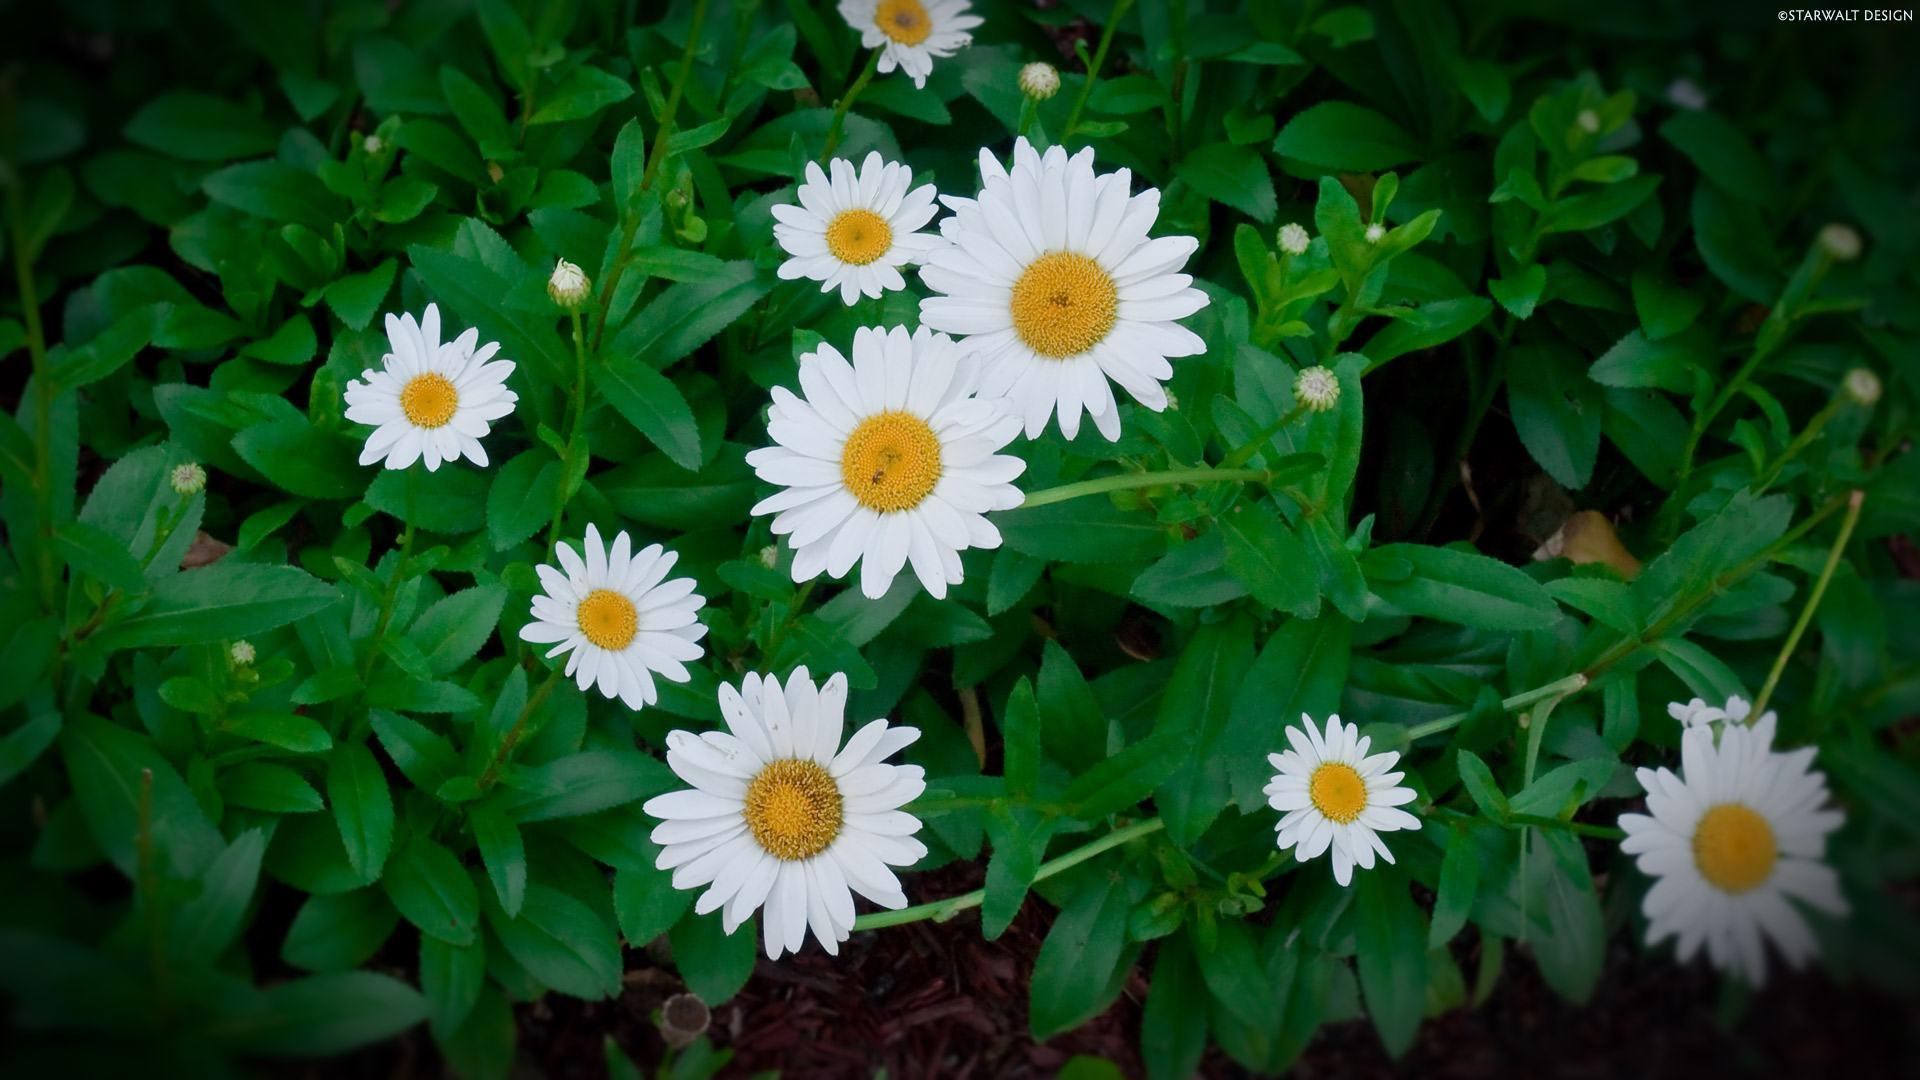 hoa cúc mắt bò